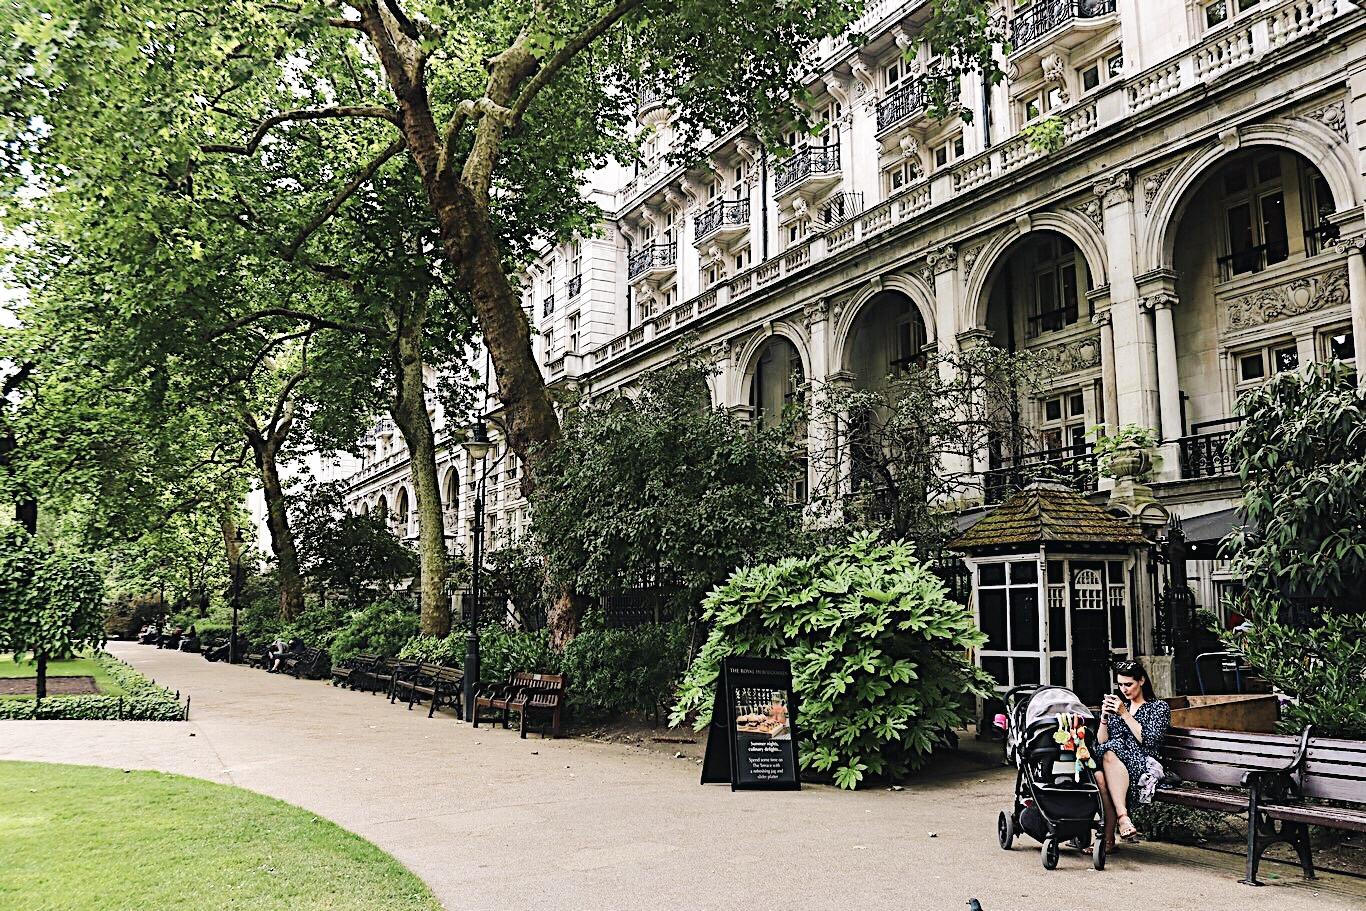 pauline-dress-blog-mode-deco-lifestyle-travel-voyage-europe-londres-angleterre-idees-visites-parcours-touristique-instagram-instagrammable-lieux-park